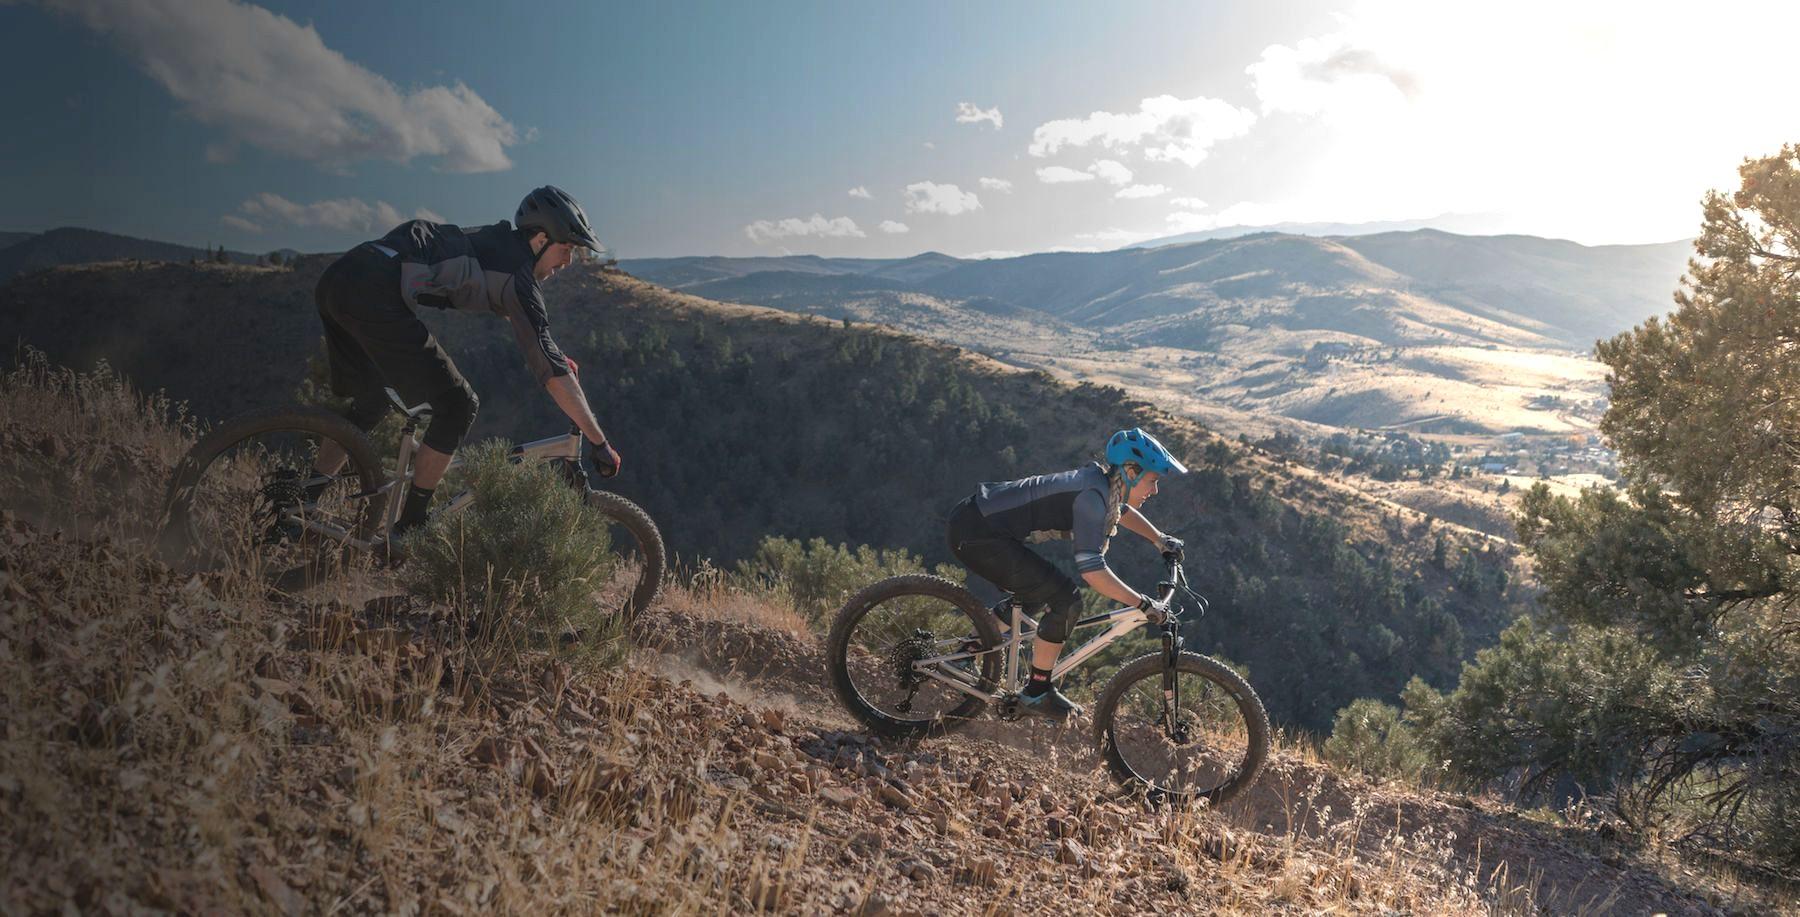 Two people mountain biking on Fuji bikes.